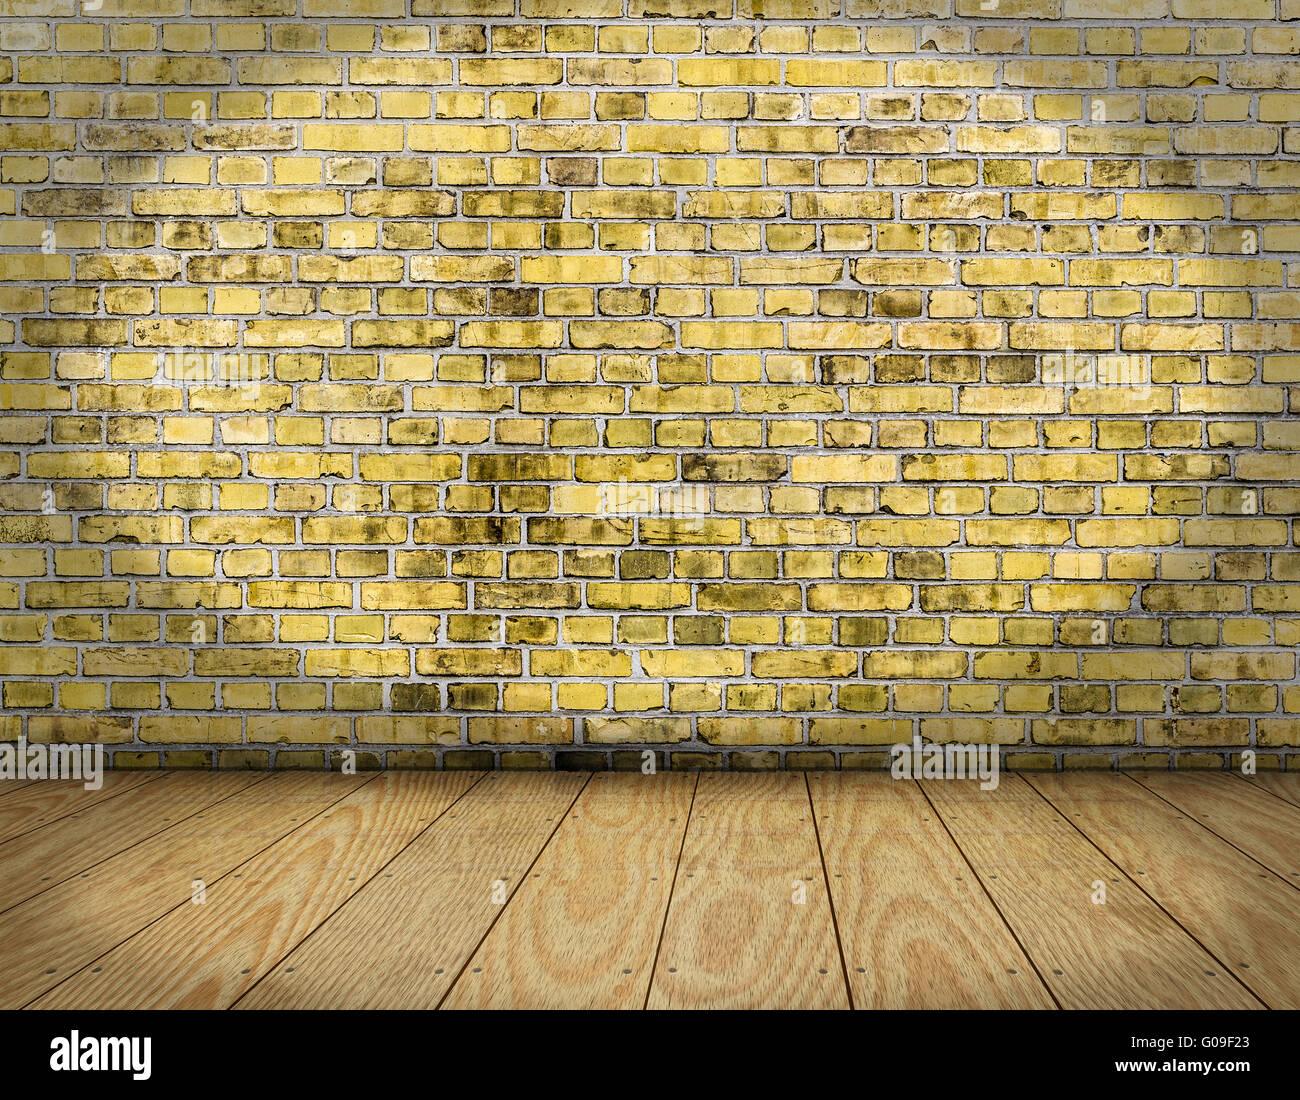 Backsteinwand Innen zimmer innen jahrgang mit gelbem backstein wand und holz boden